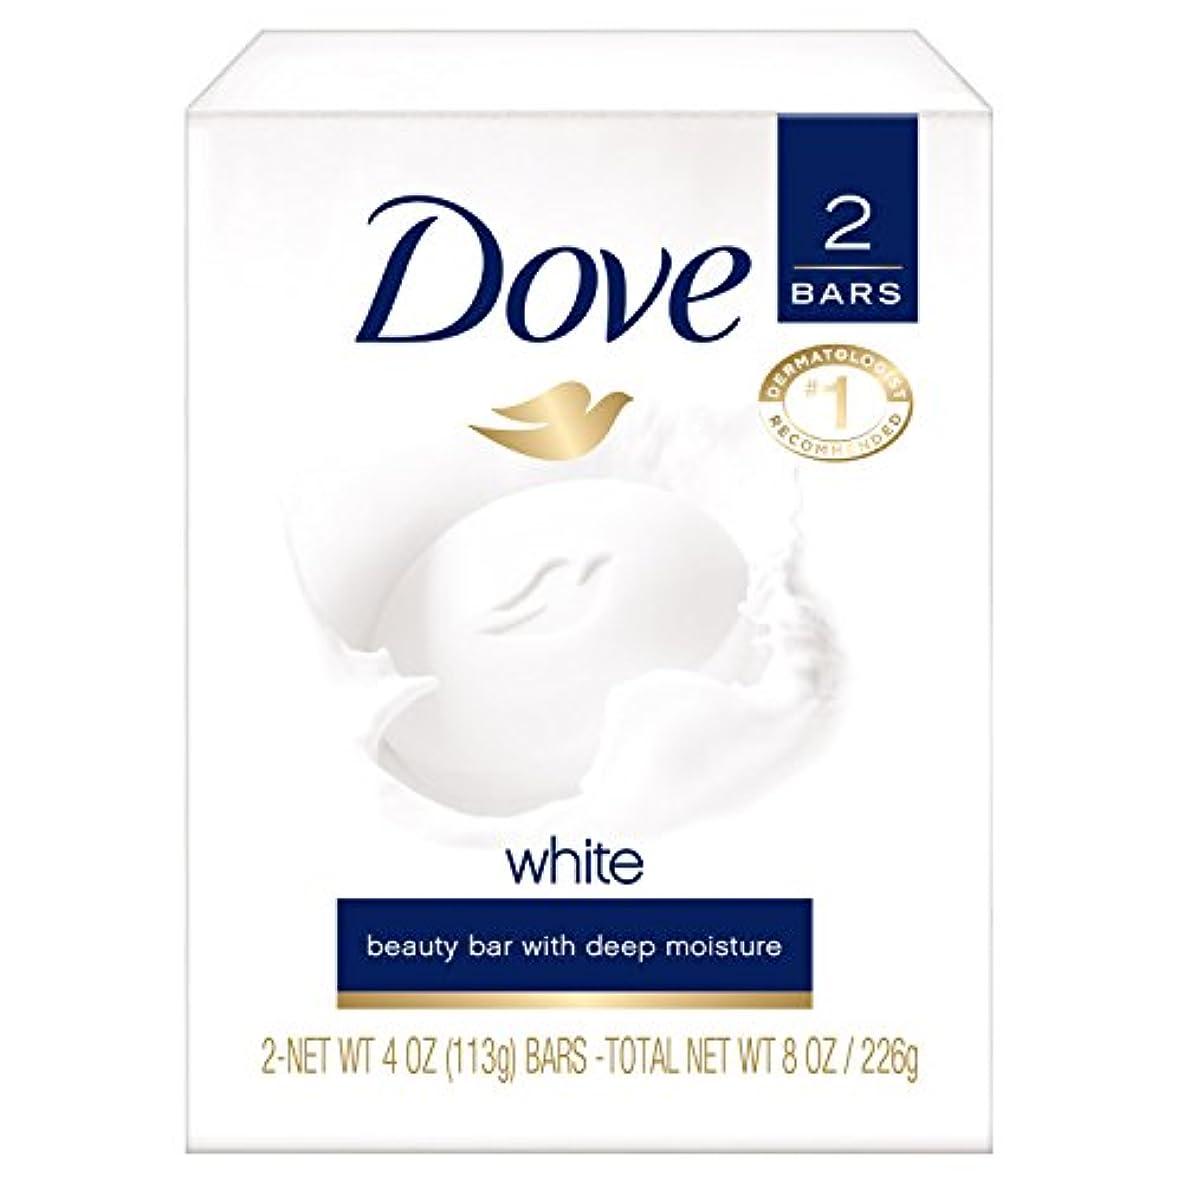 めったにベルト聴覚障害者Dove White Beauty Bar Soap, White 4 oz, 2 ea by Dove